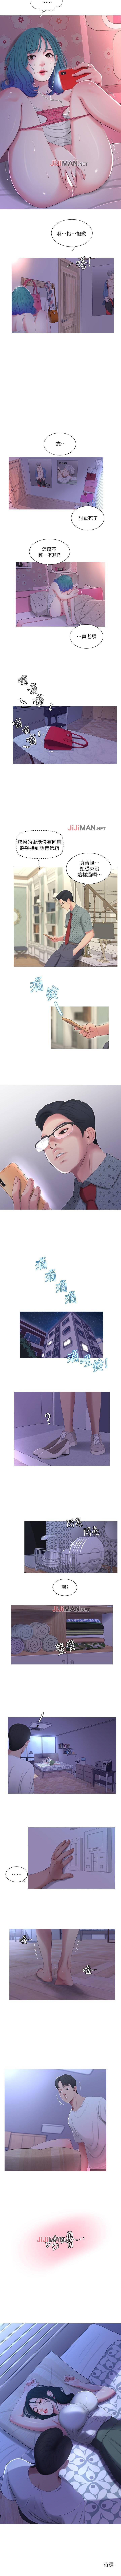 【周四连载】亲家四姐妹(作者:愛摸) 第1~37话 47